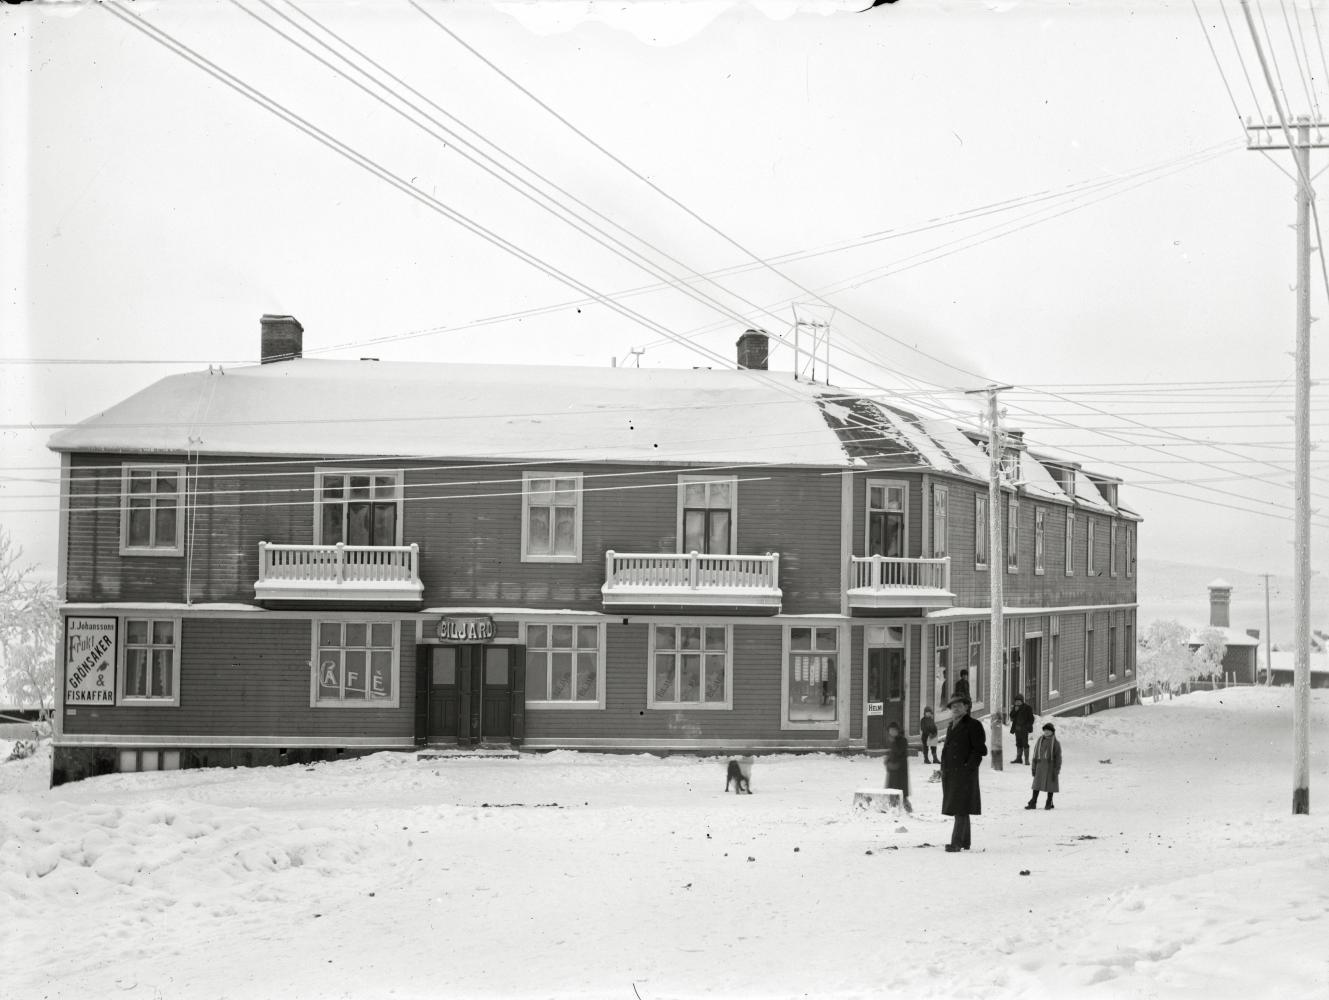 Hus i Kiruna med cafe´biljard,pappershandel m fl 1920.